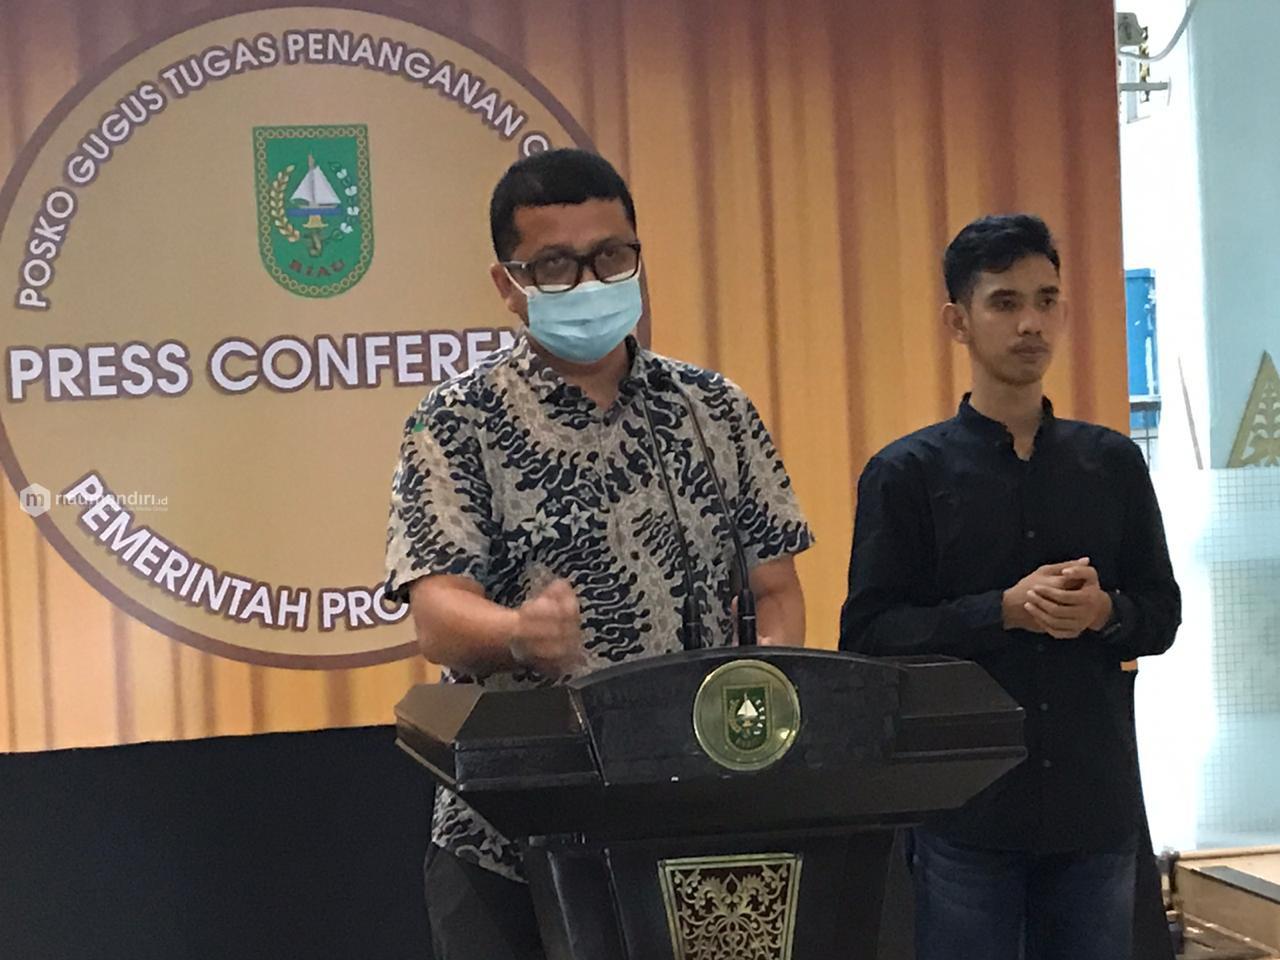 Bertambah Lagi 3 Pasien Positif Corona di Riau, Warga Pekanbaru dan Dumai